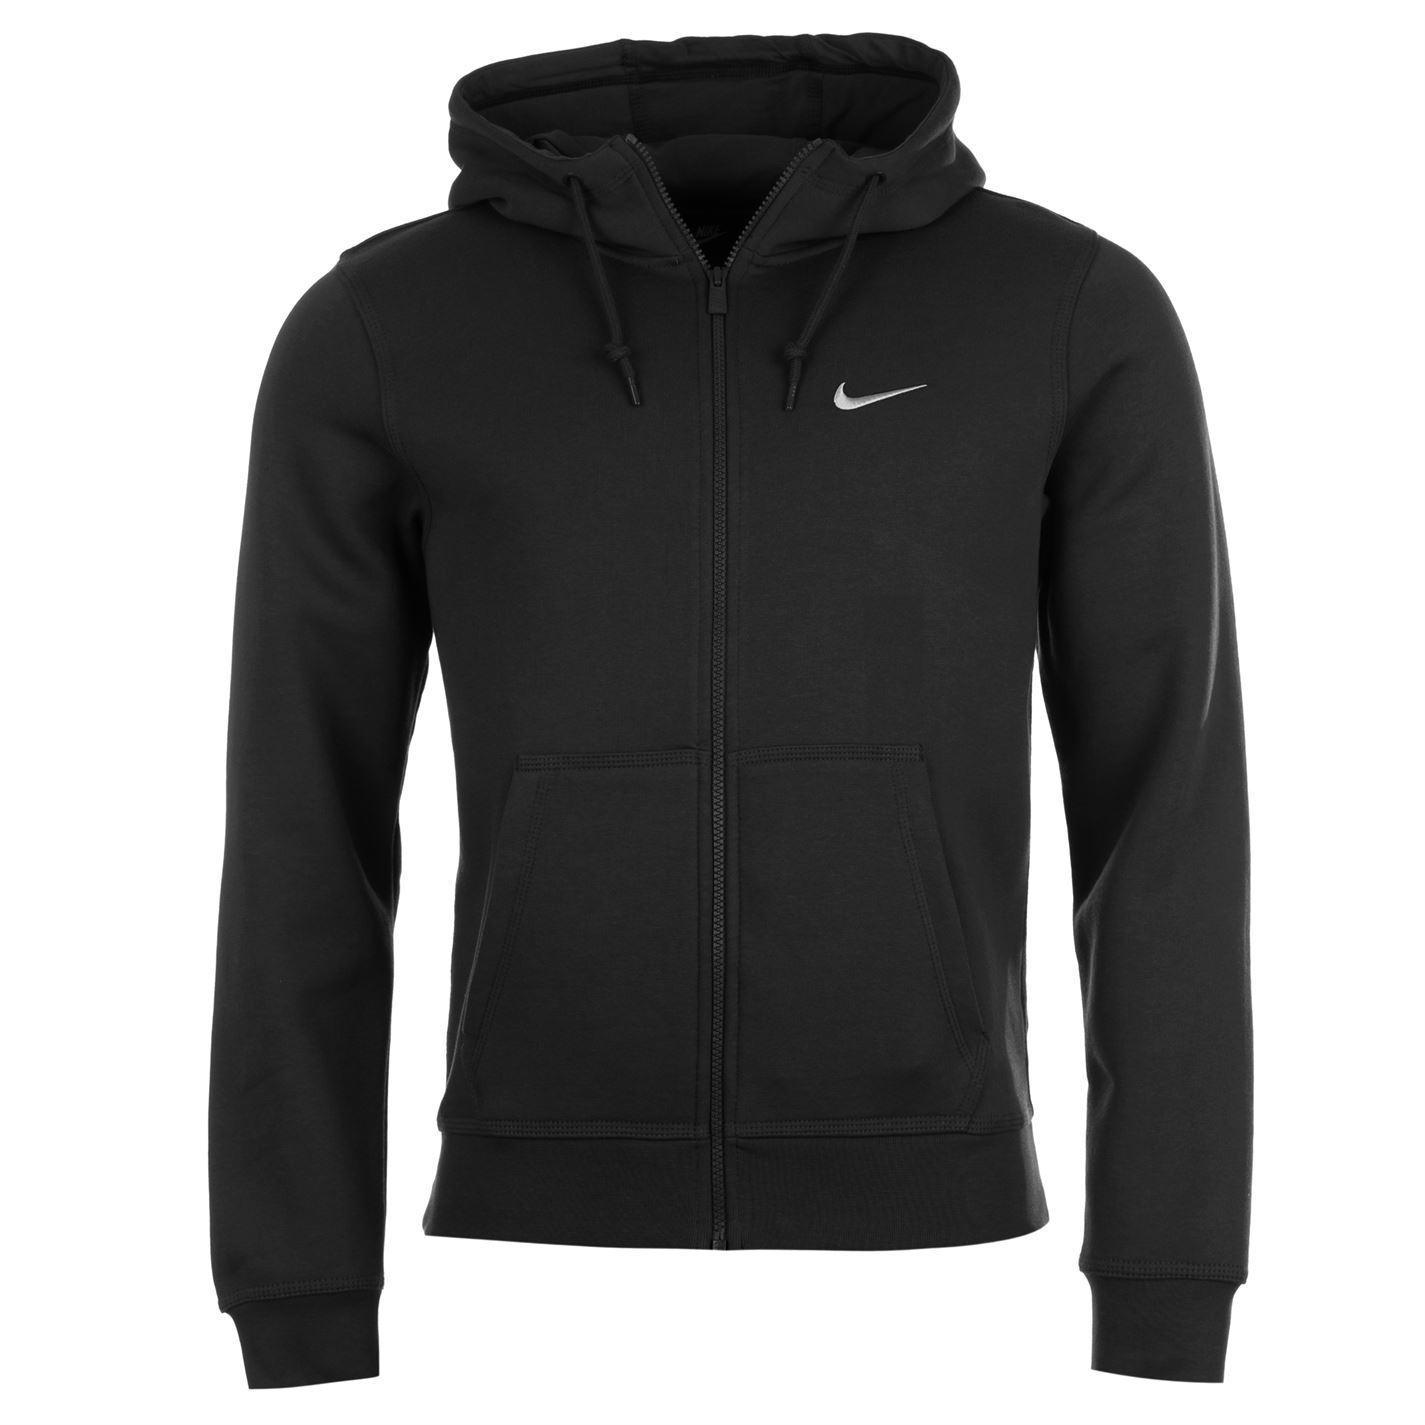 Nike-Fundamentals-Full-Zip-Hoody-Jacket-Mens-Hoodie-Sweatshirt-Sweater-Top thumbnail 4